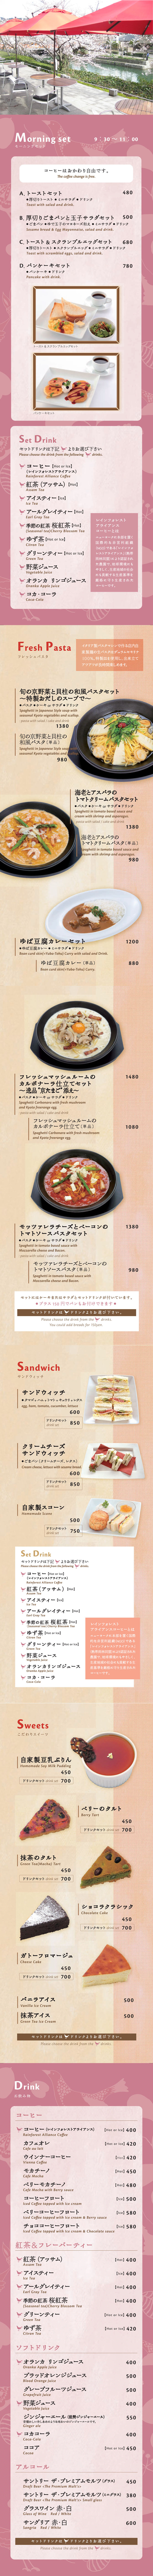 20120407 京美 春のリニューアル.jpg